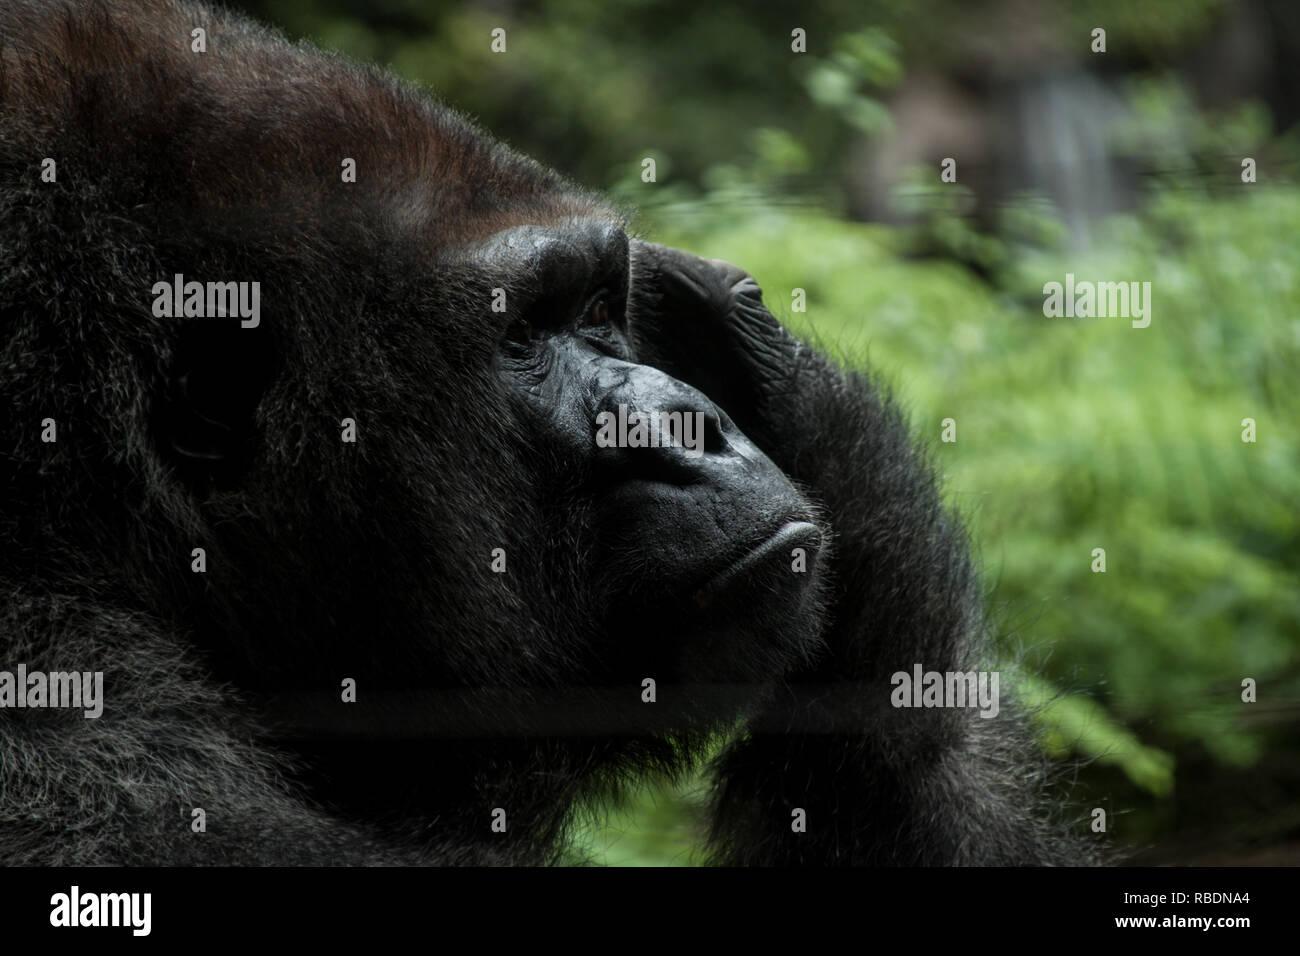 Un beau portrait d'un gorille de plaine de l'Ouest se gratte la tête Photo Stock